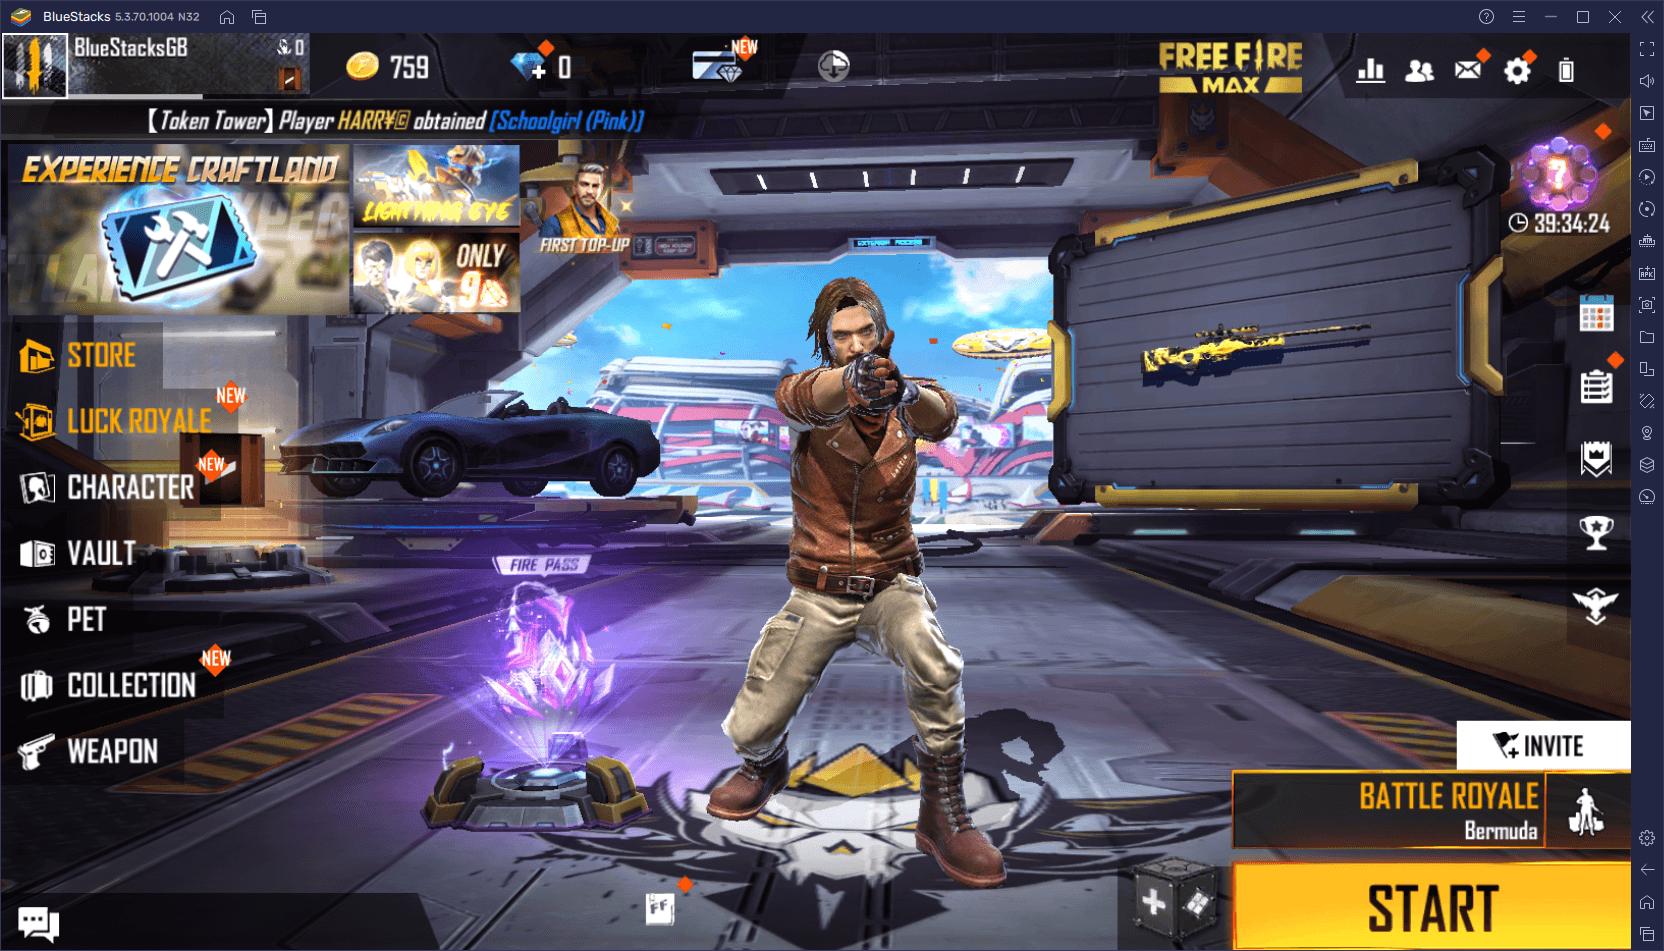 Free Fire MAX sur PC – Comment Utiliser BlueStacks pour Enchaîner les Headshots